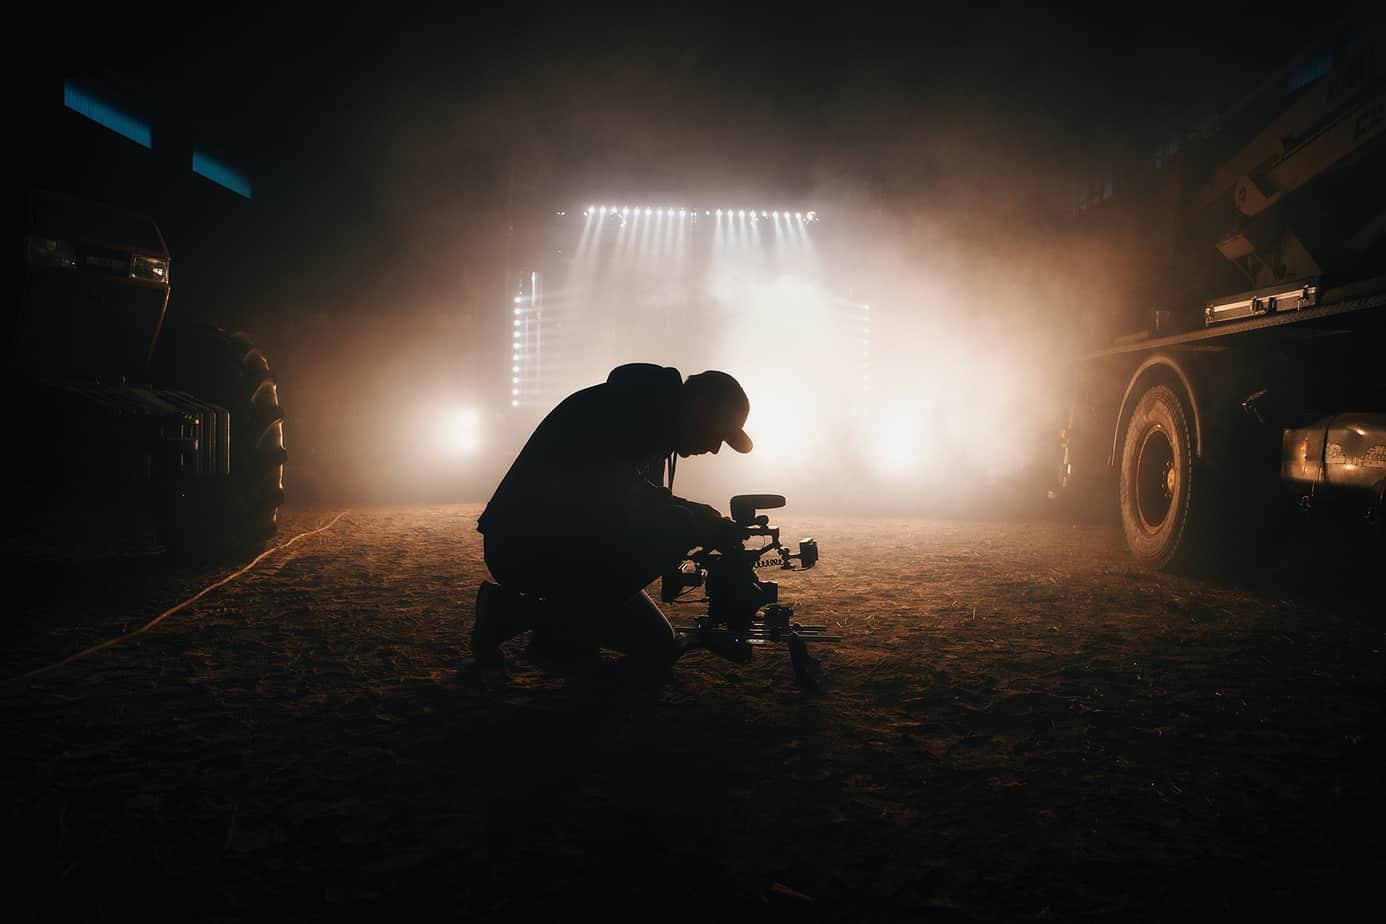 Mann mit Kamera, der ein Auto film